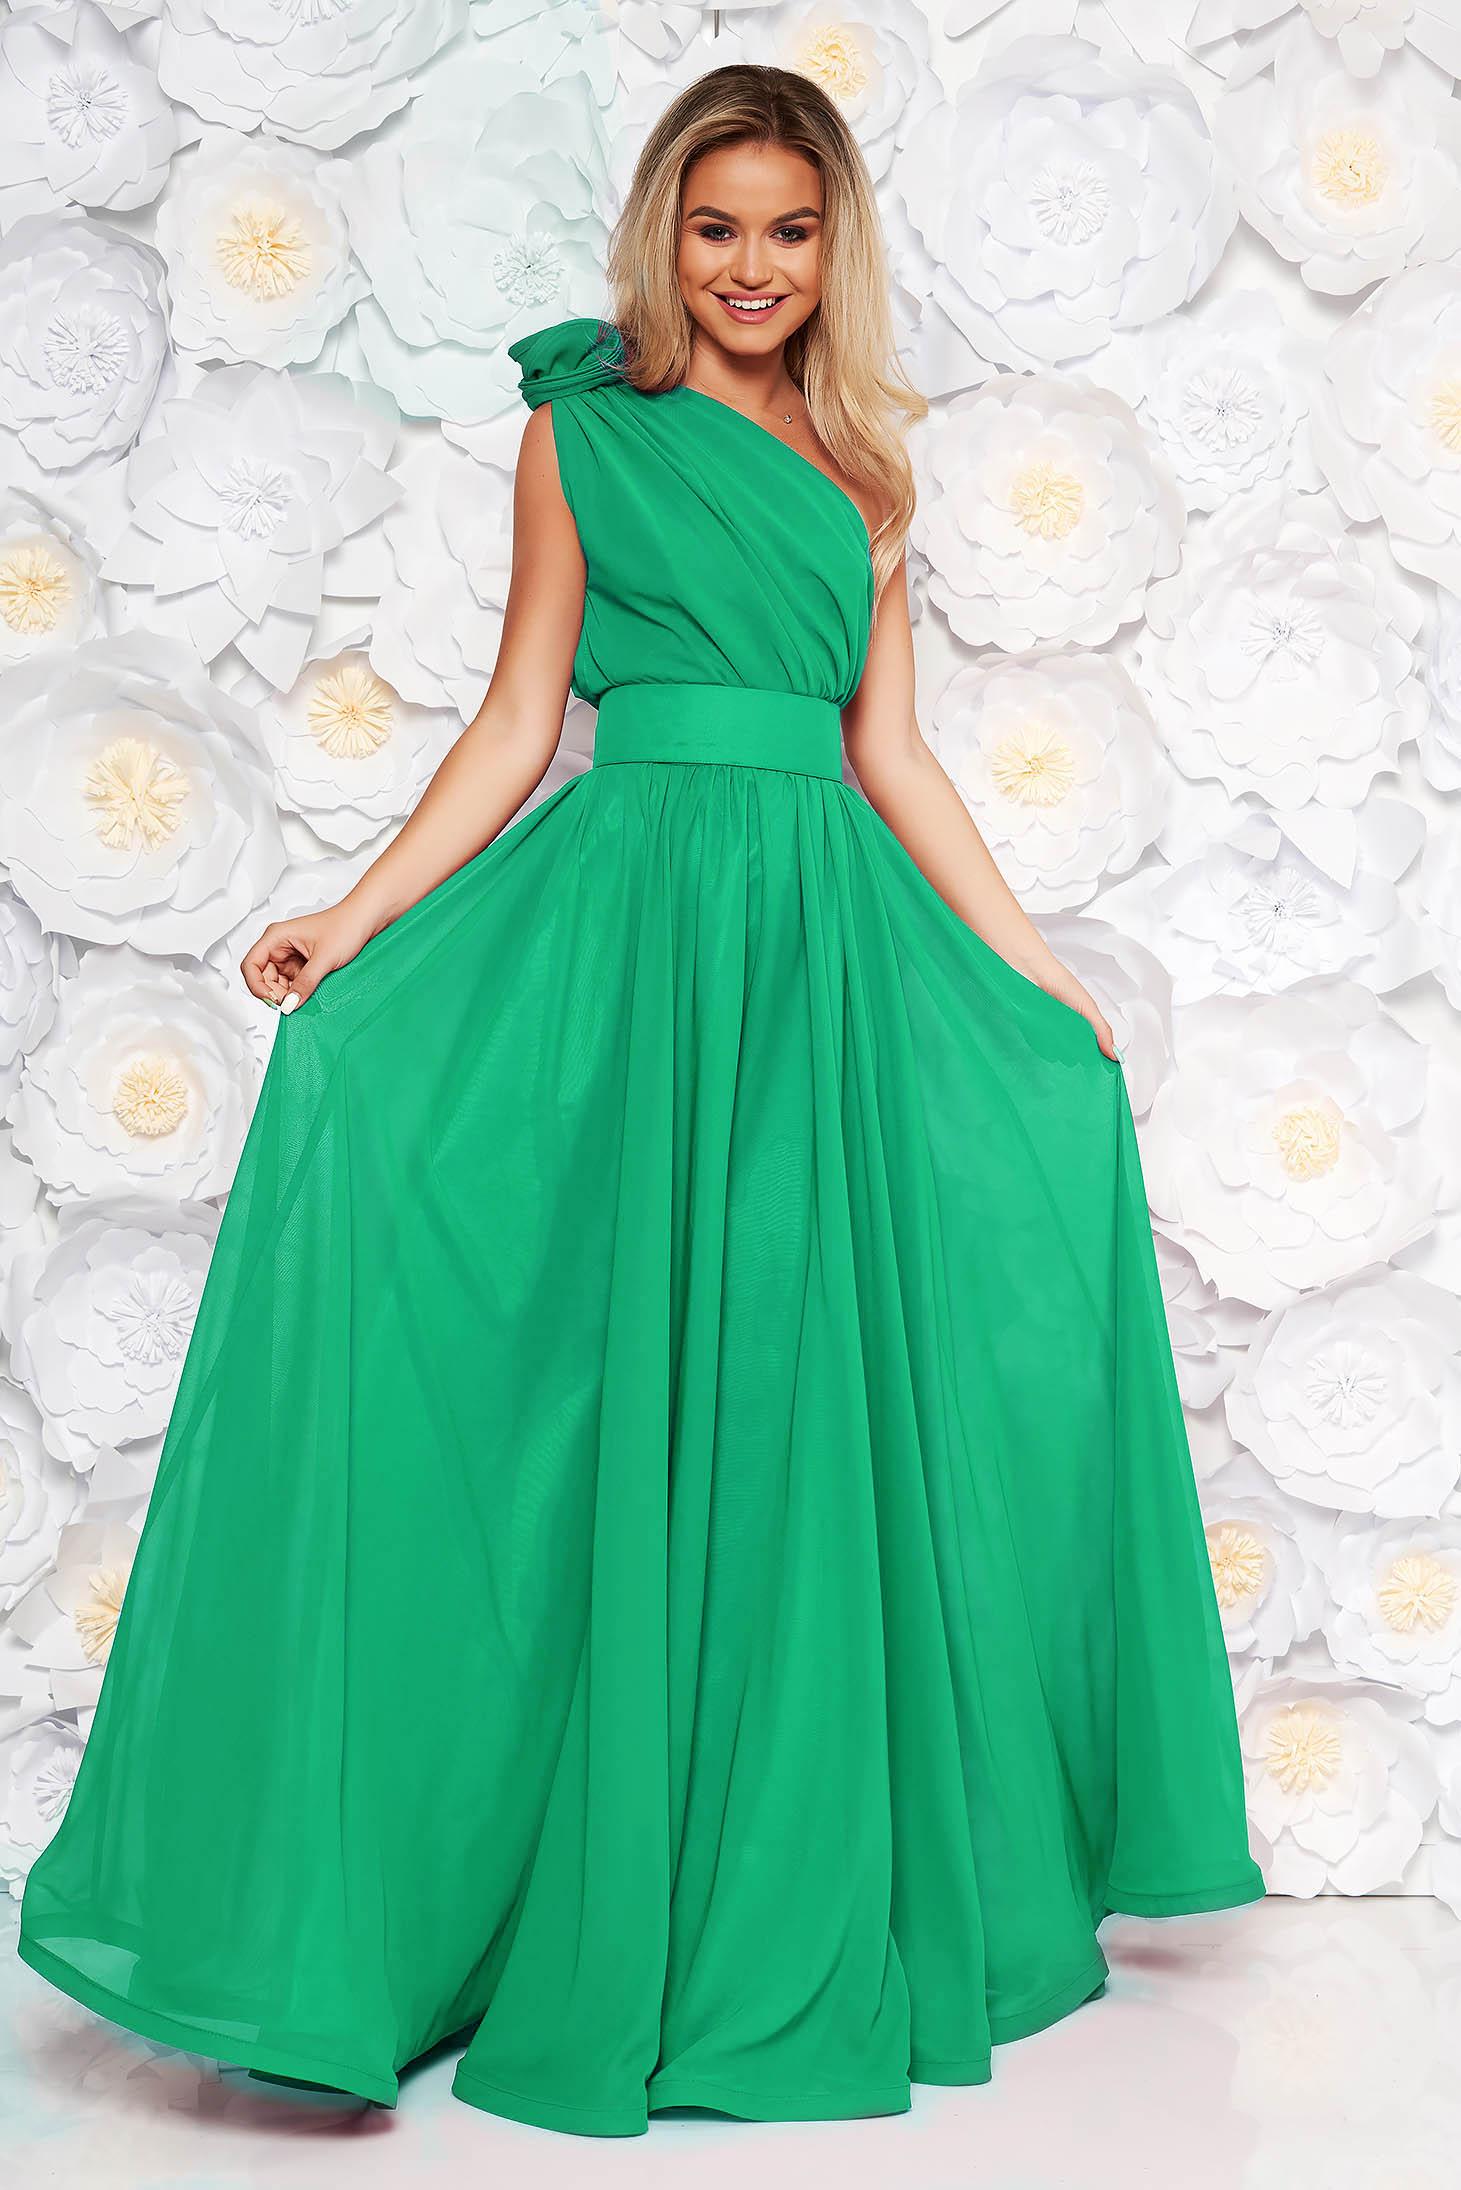 Zöld Ana Radu hosszú harang ruha fátyol belső béléssel övvel ellátva